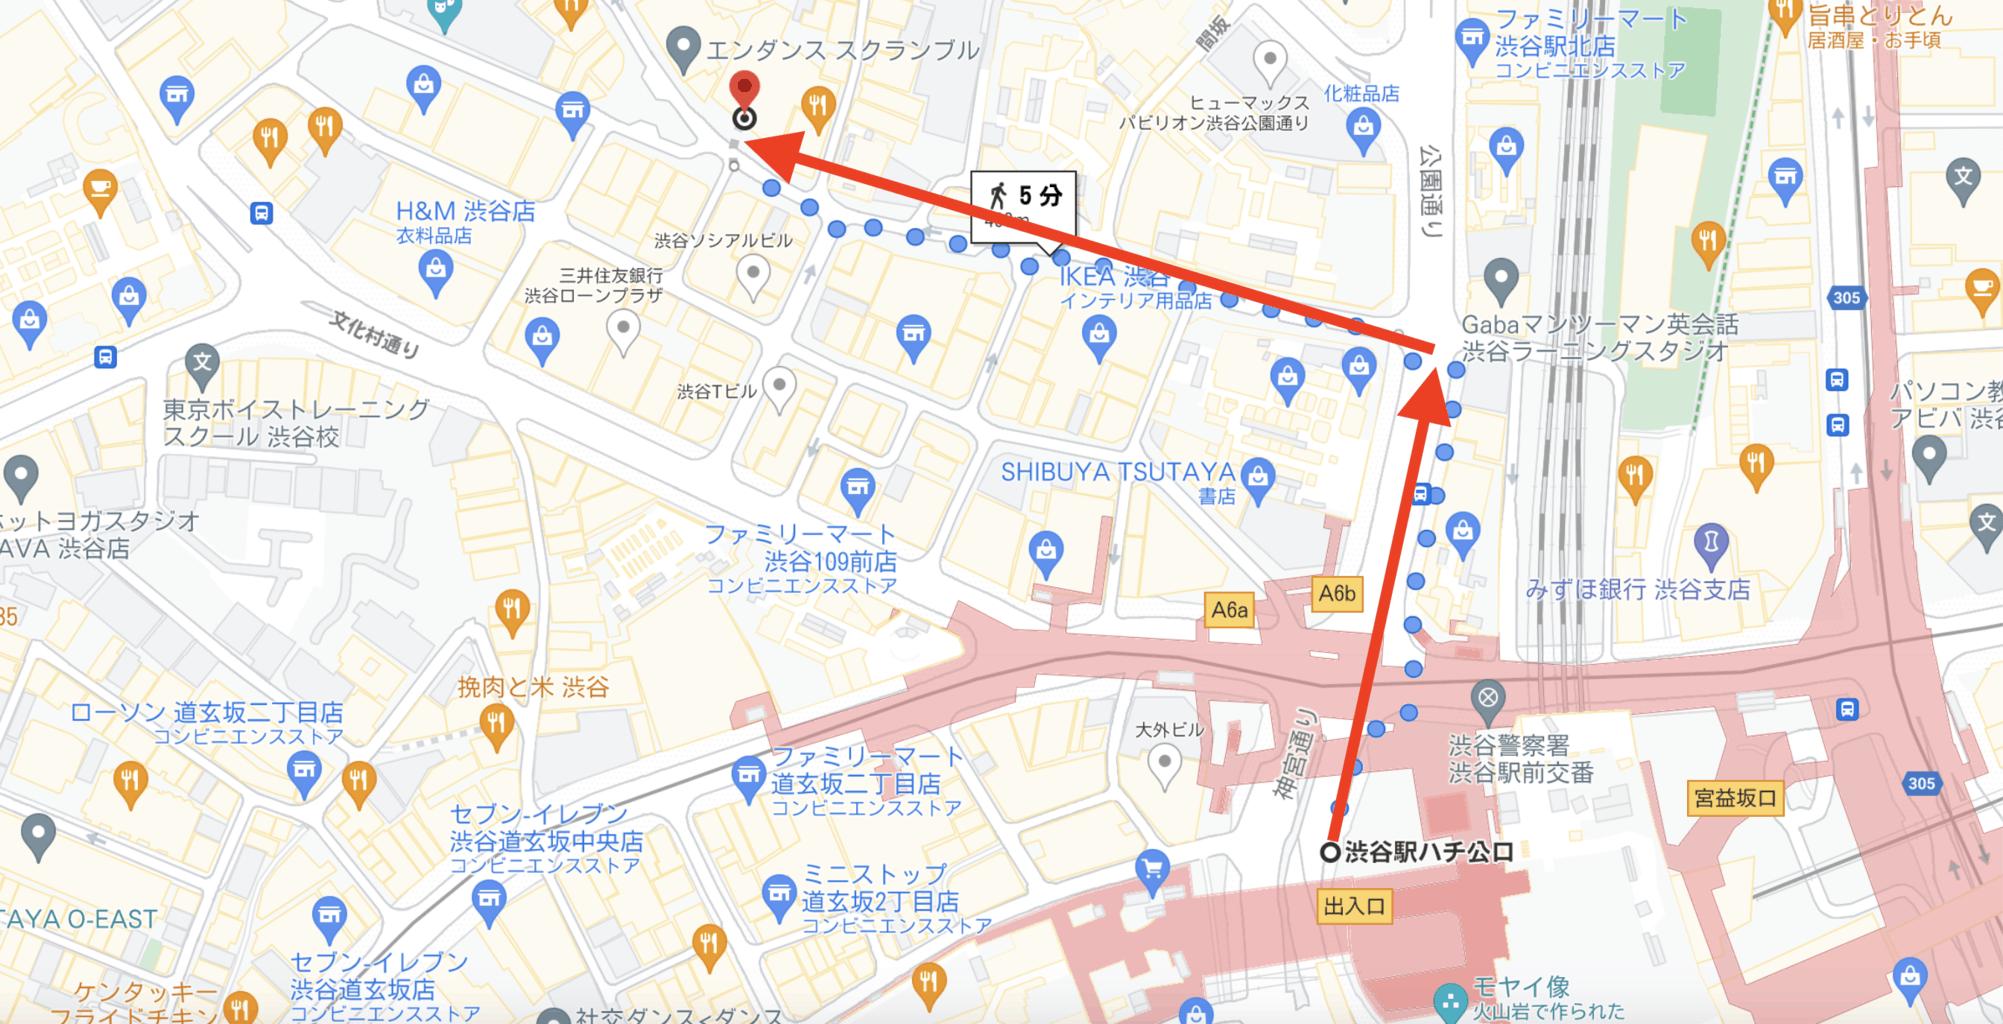 ag(アグ)渋谷へのアクセス